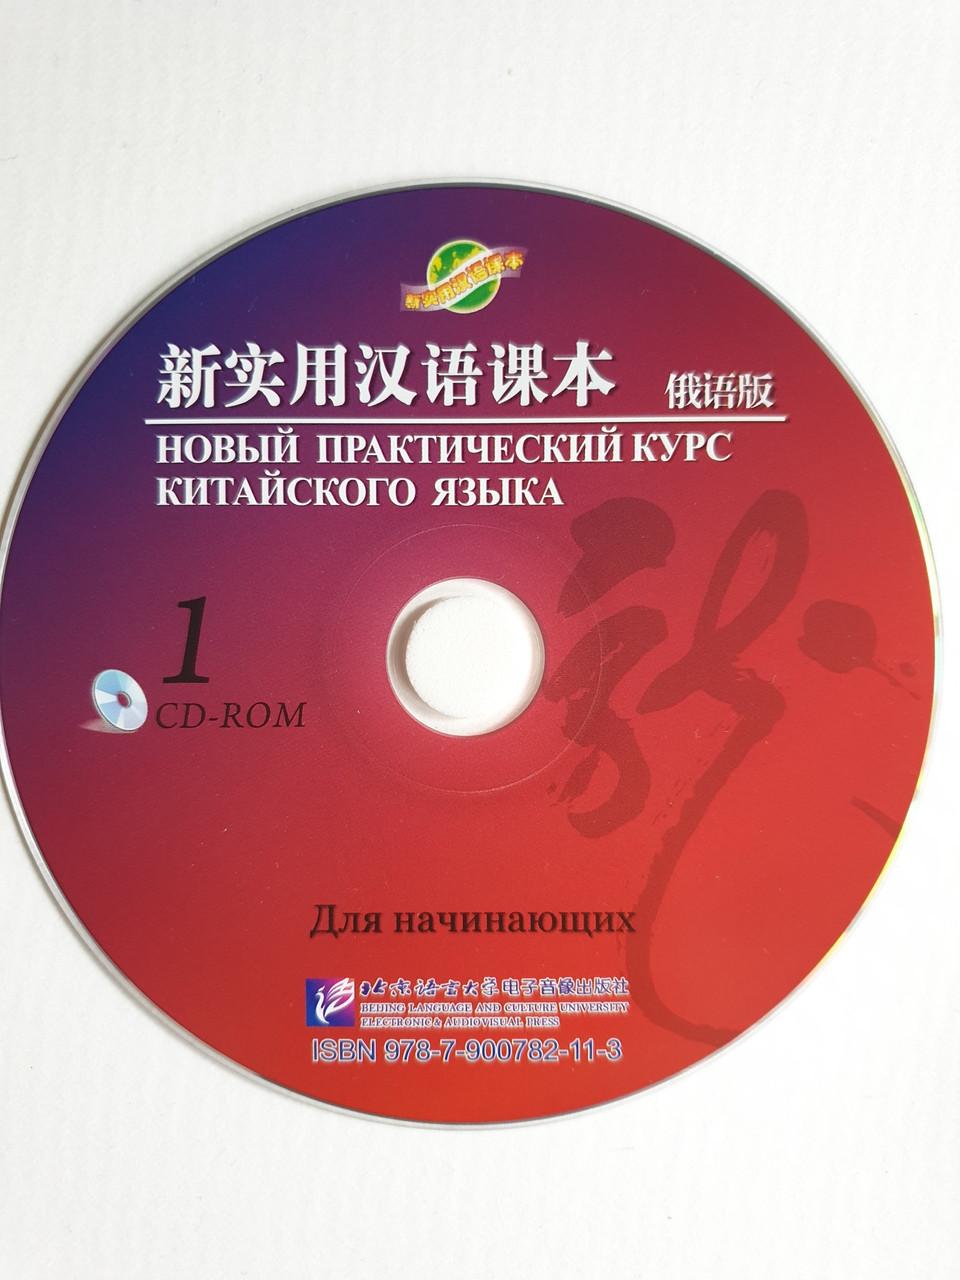 Новый практический курс китайского языка для начинающих. Мультимедийные материалы